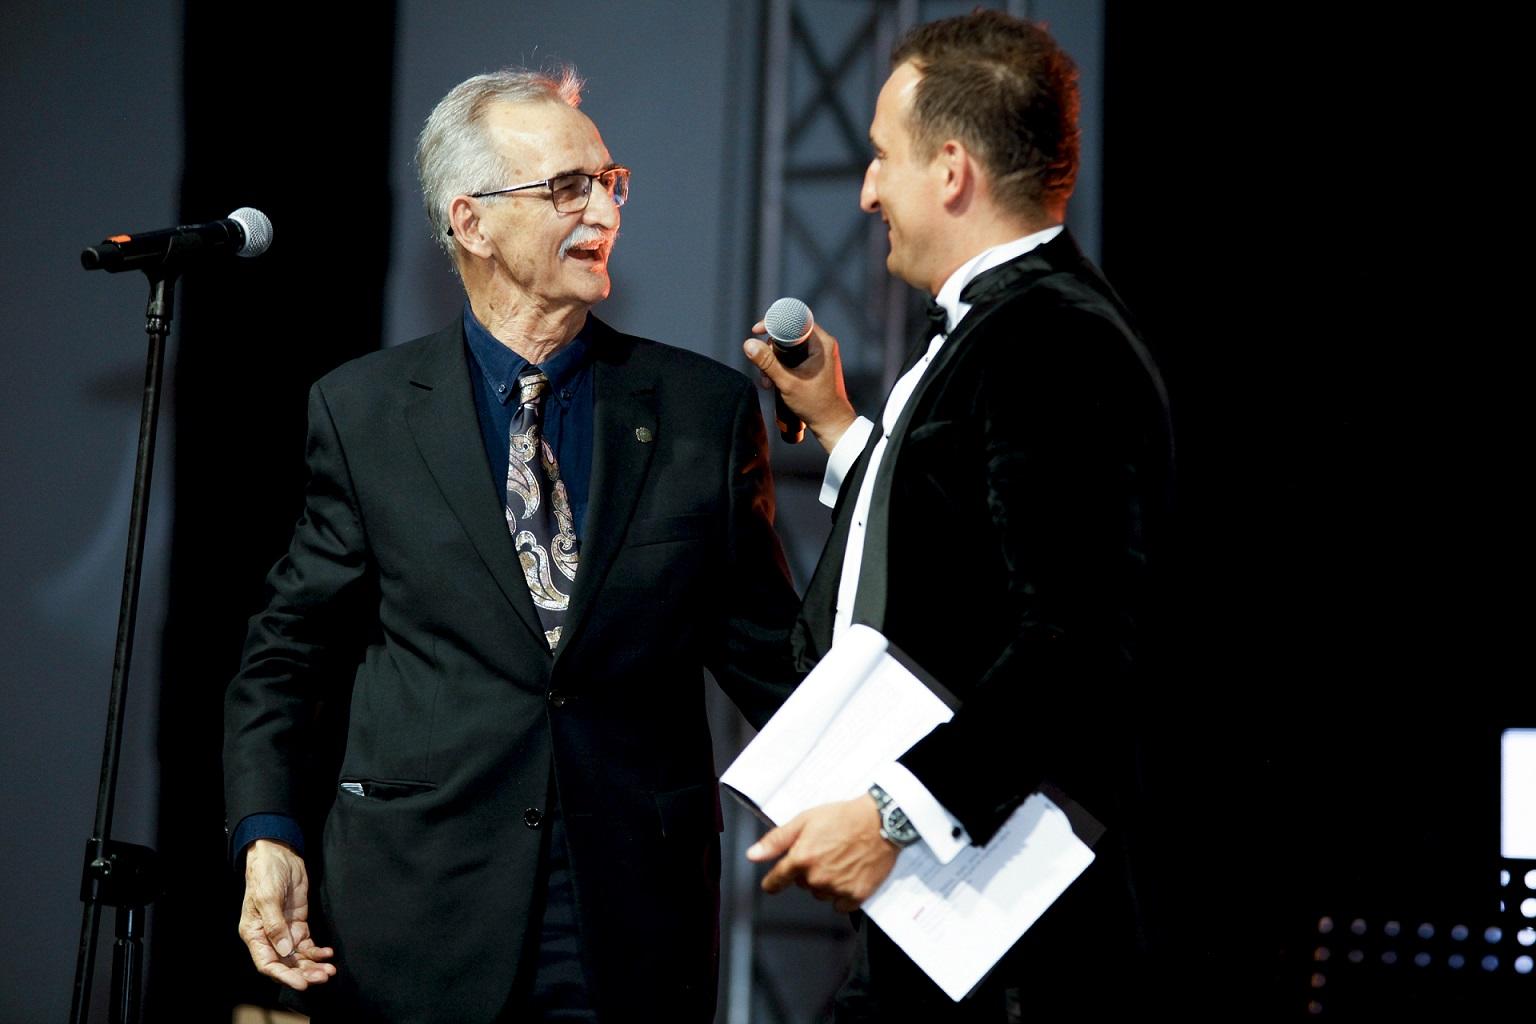 Marek Koterski i Michał Koterski doskonale się rozumieją - tatę i syna łączy mocna więź.